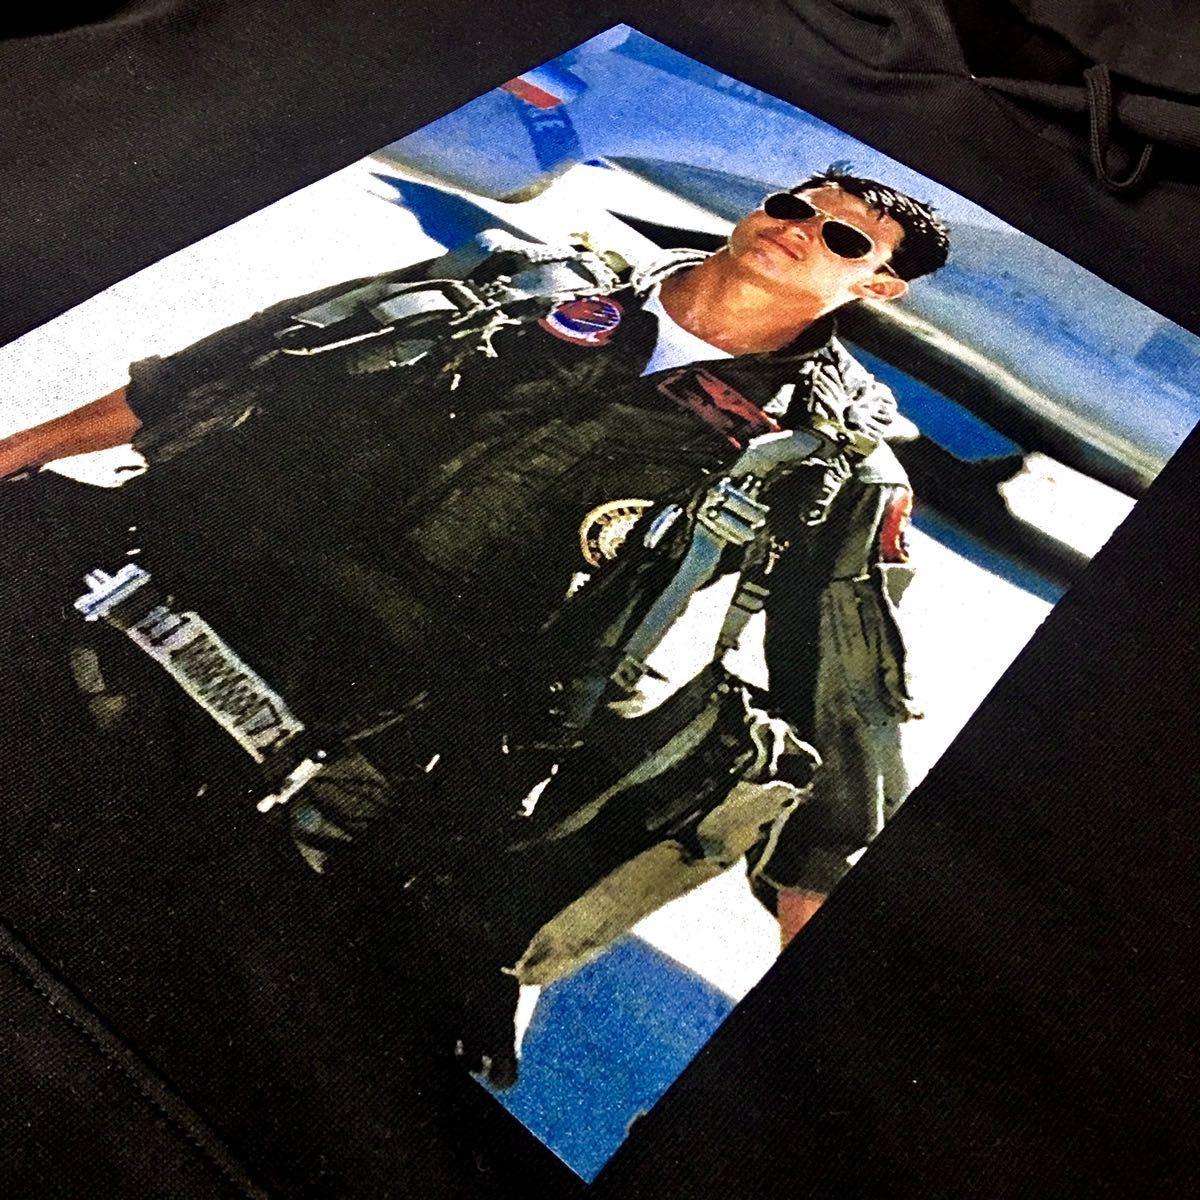 新品 トップガン トムクルーズ サングラス US AIR FORCE F-14 黒 パーカー XS S M L XL ビッグ オーバー サイズ XXL ジップアップ ロンT 可_画像7